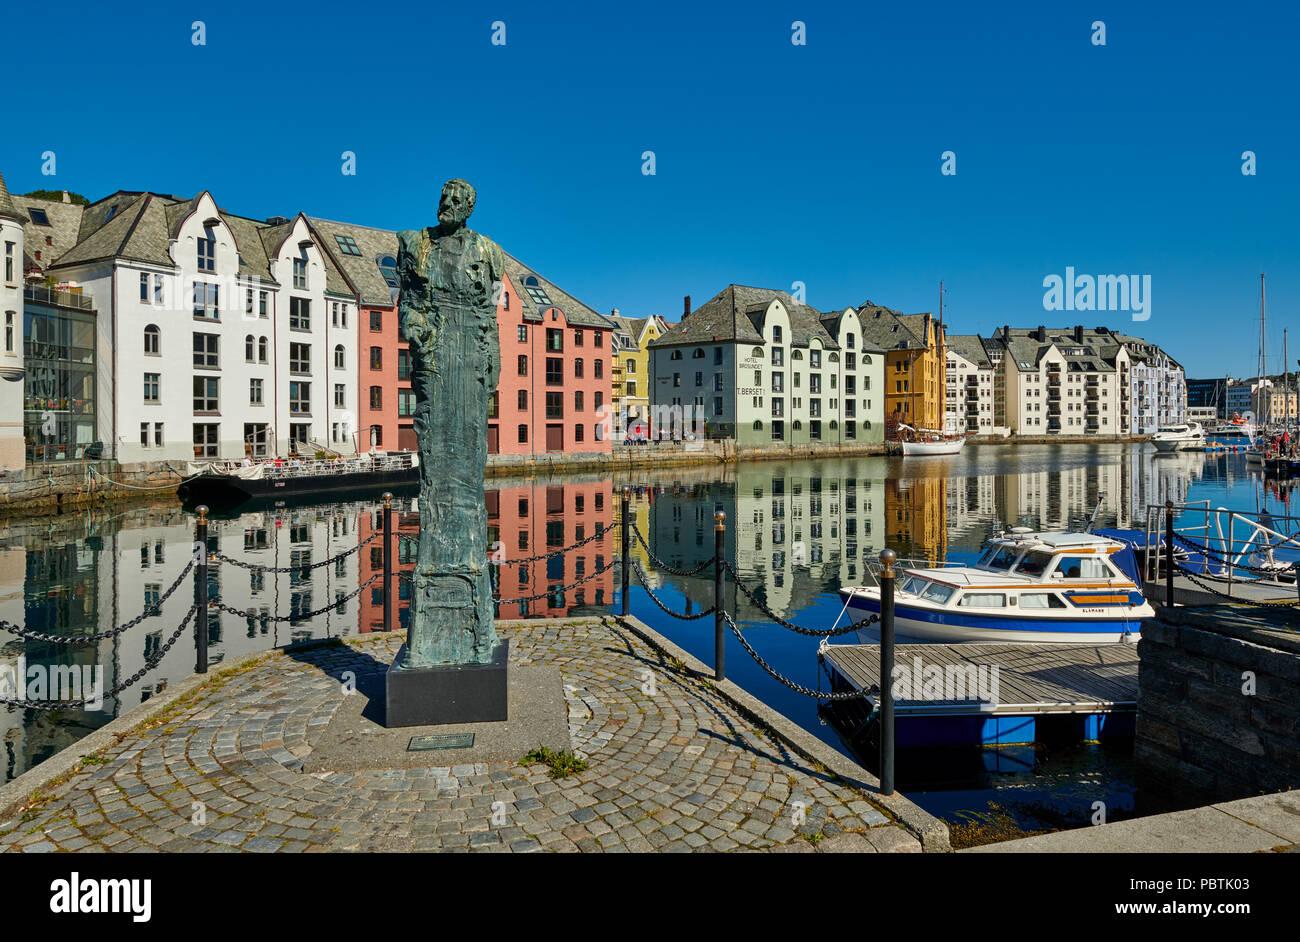 Estatua en frente del puerto antiguo, con históricos edificios de estilo Art Nouveau, Ålesund, Noruega, Europa Imagen De Stock